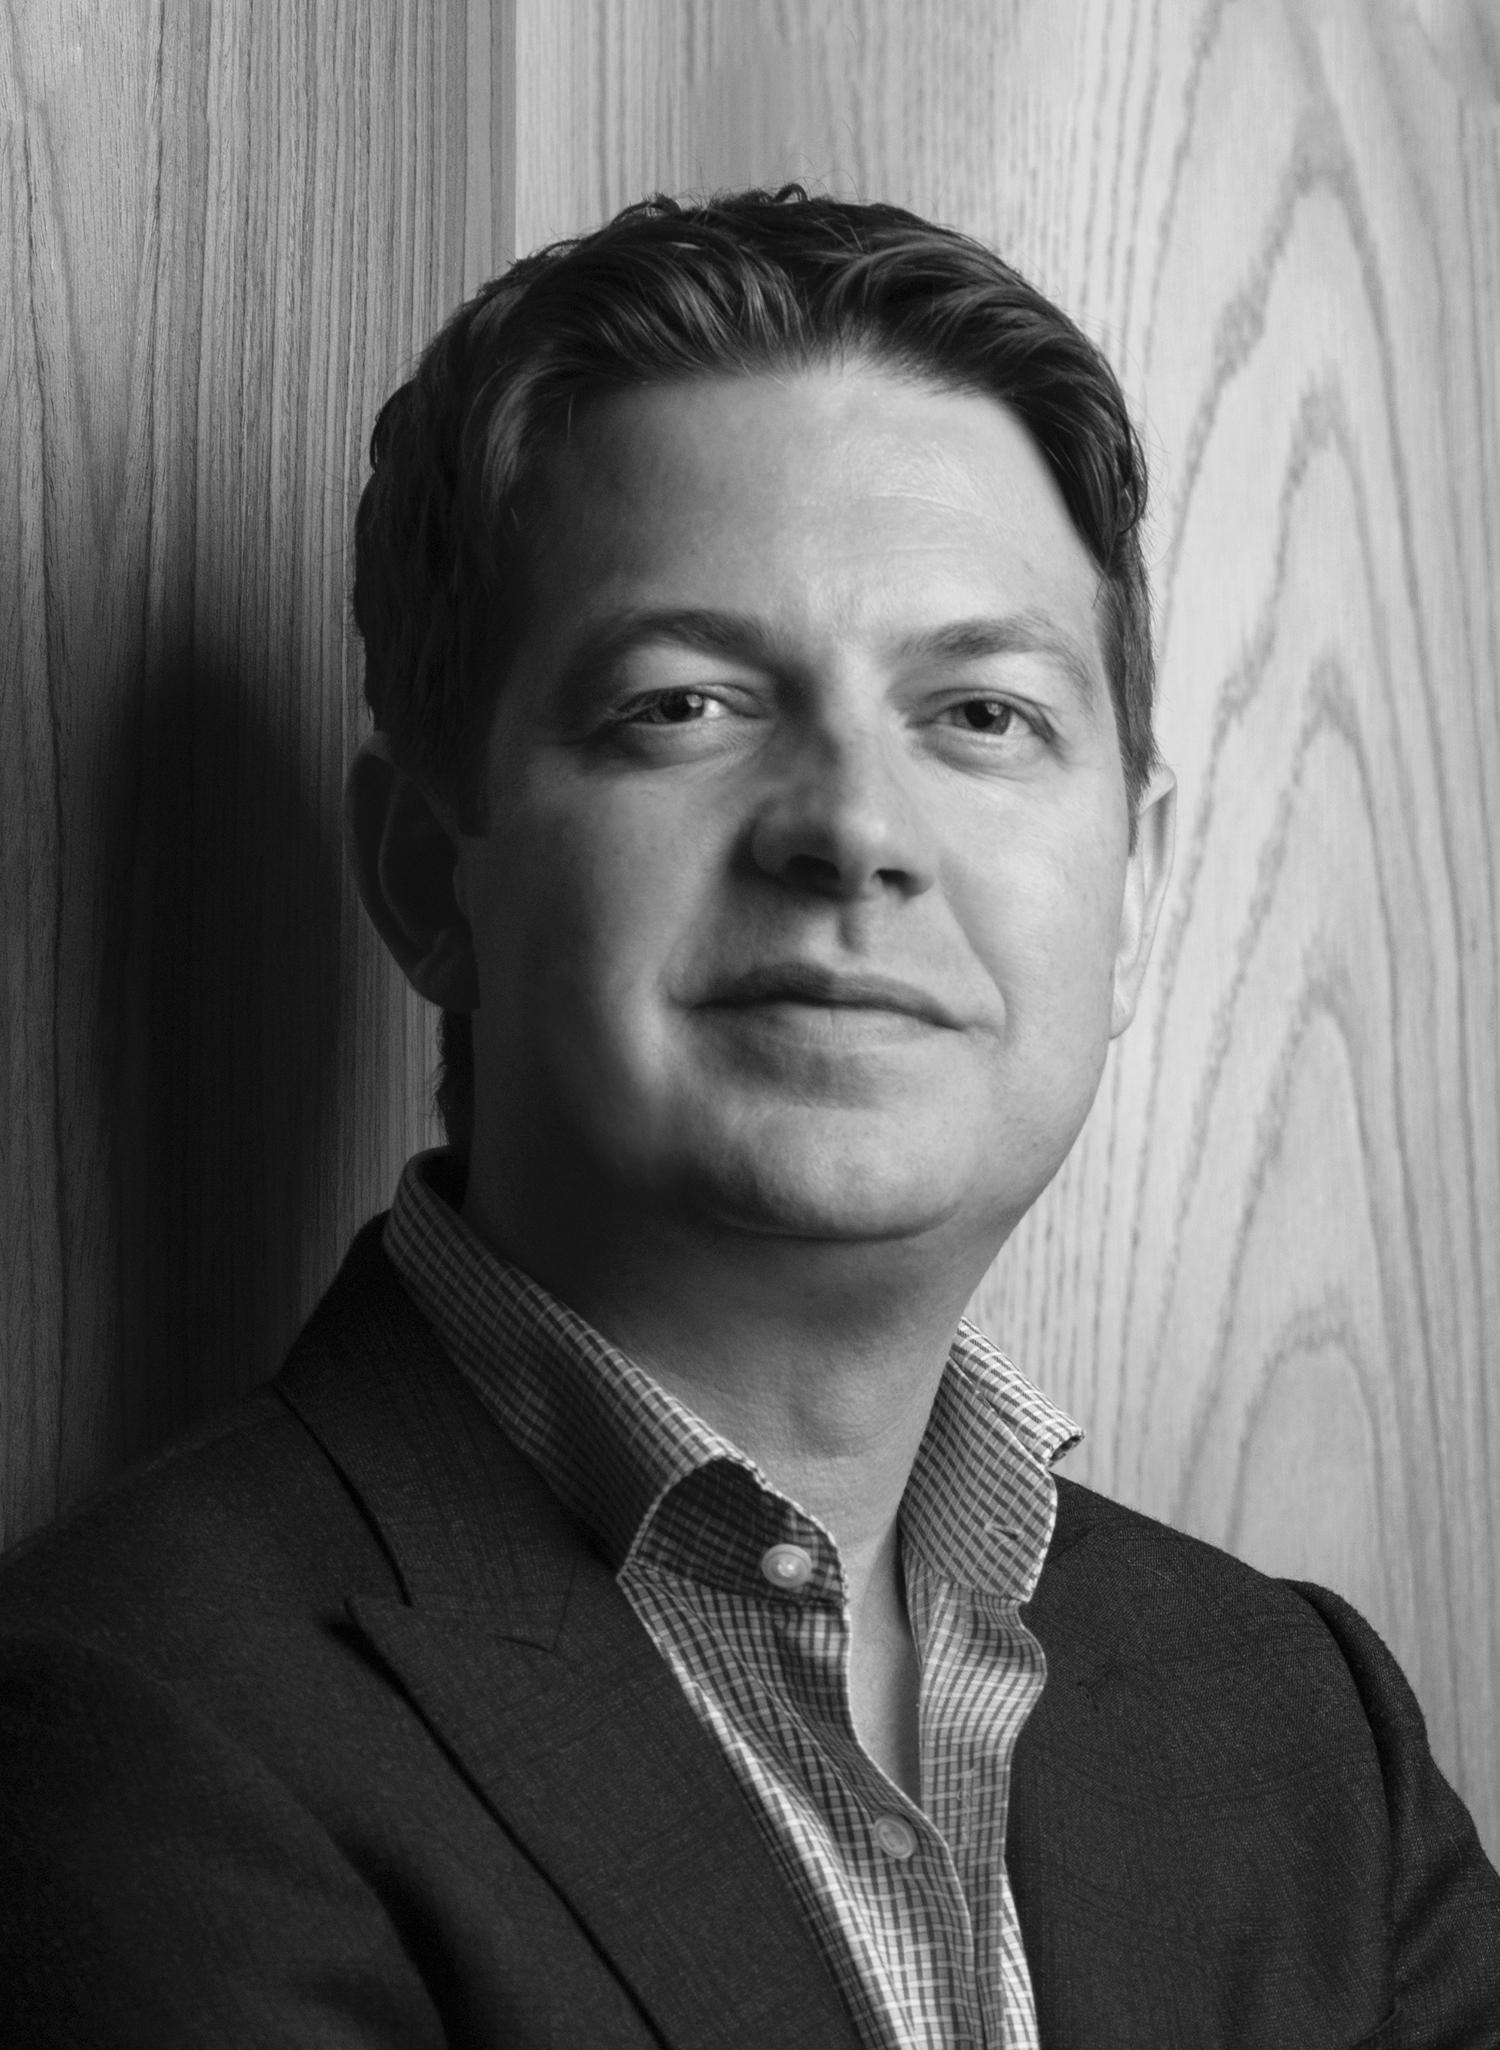 David Koster